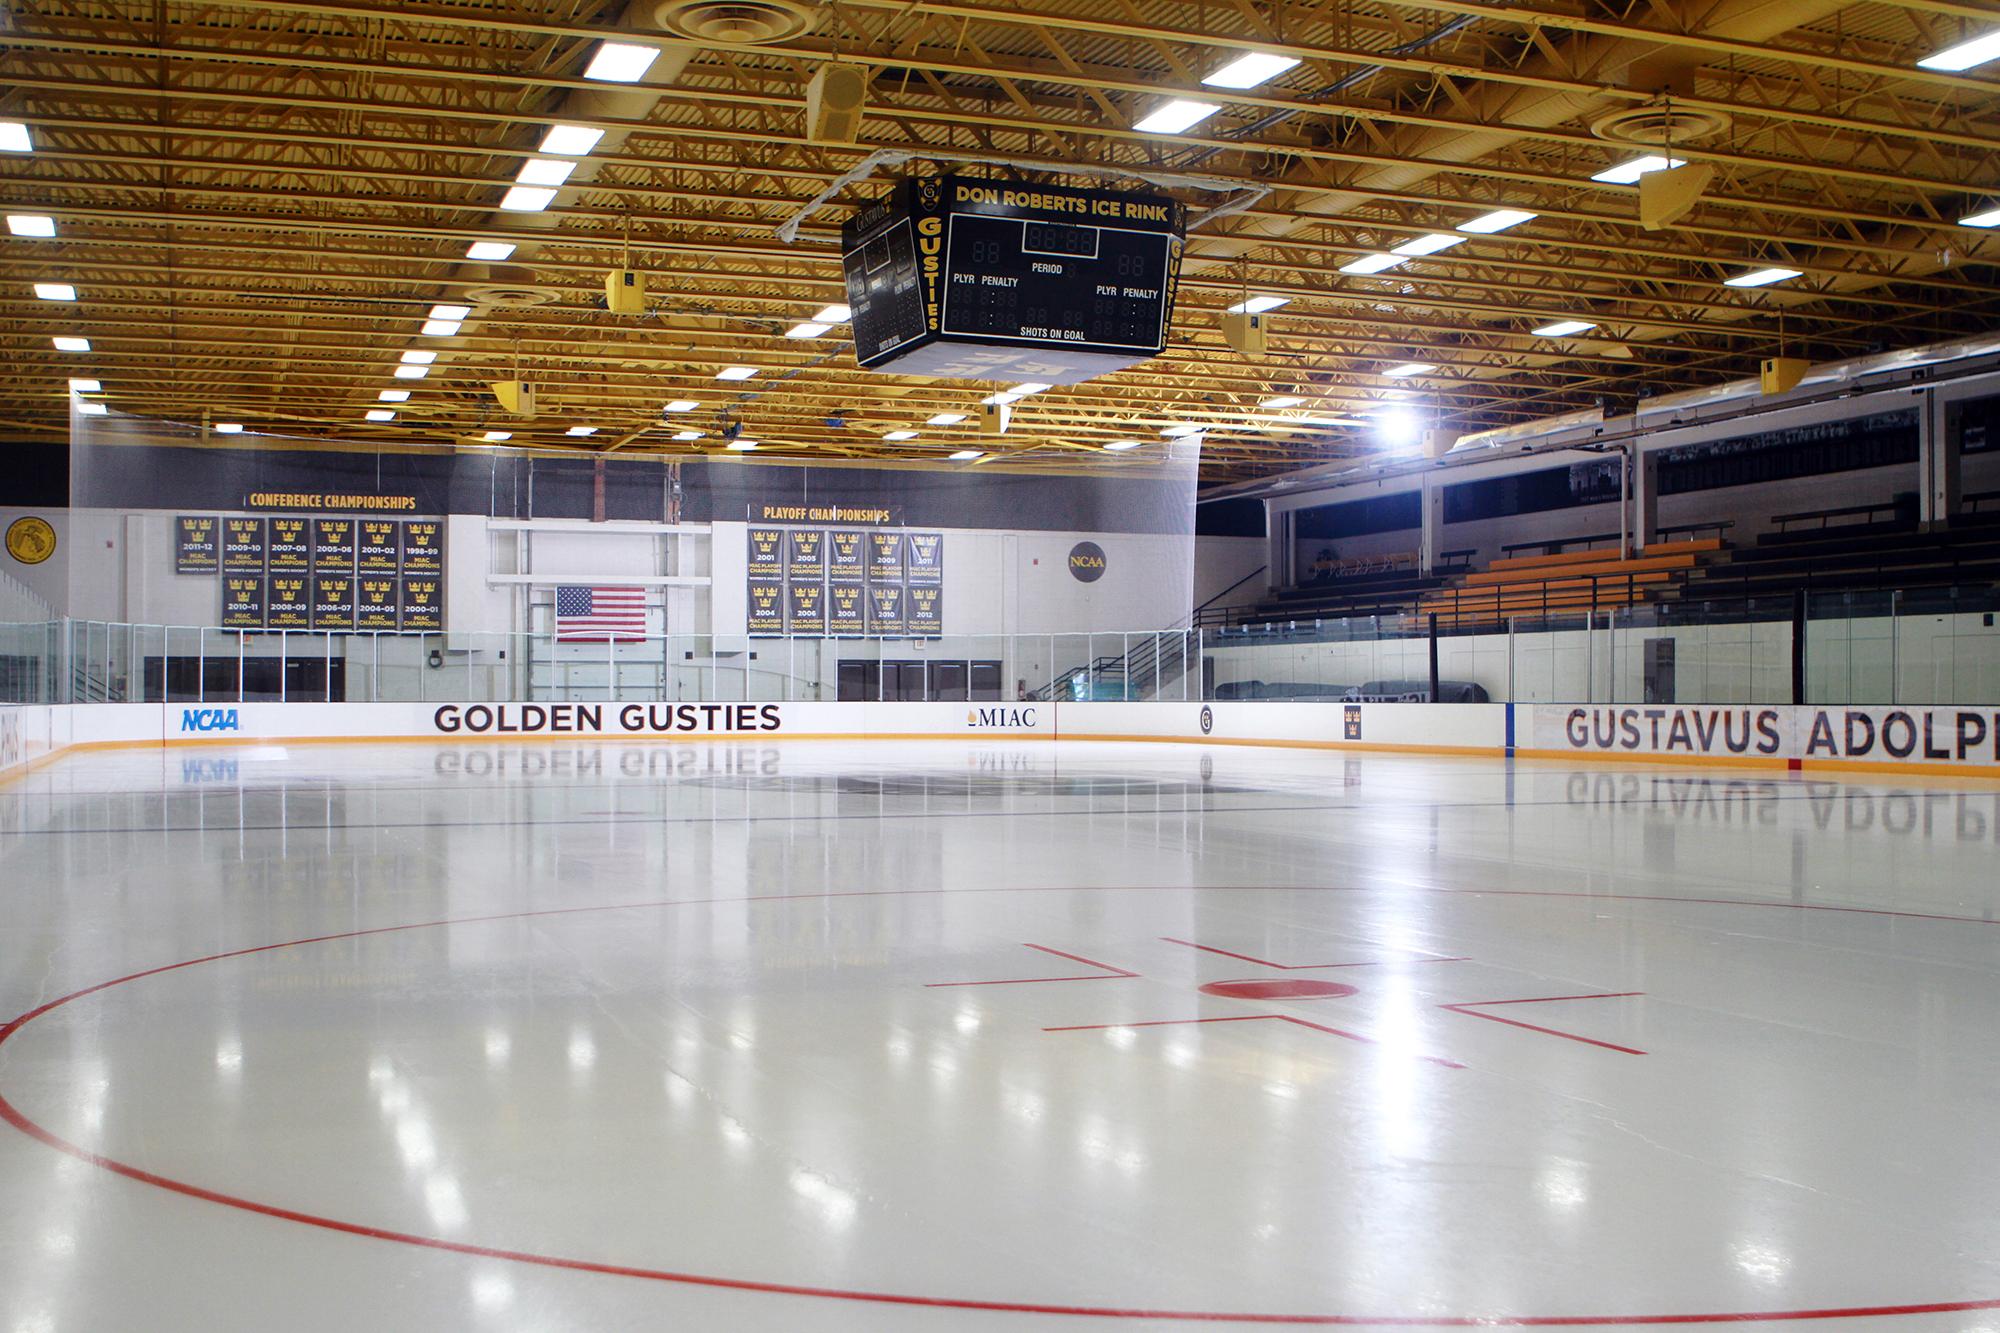 Don Roberts Arena